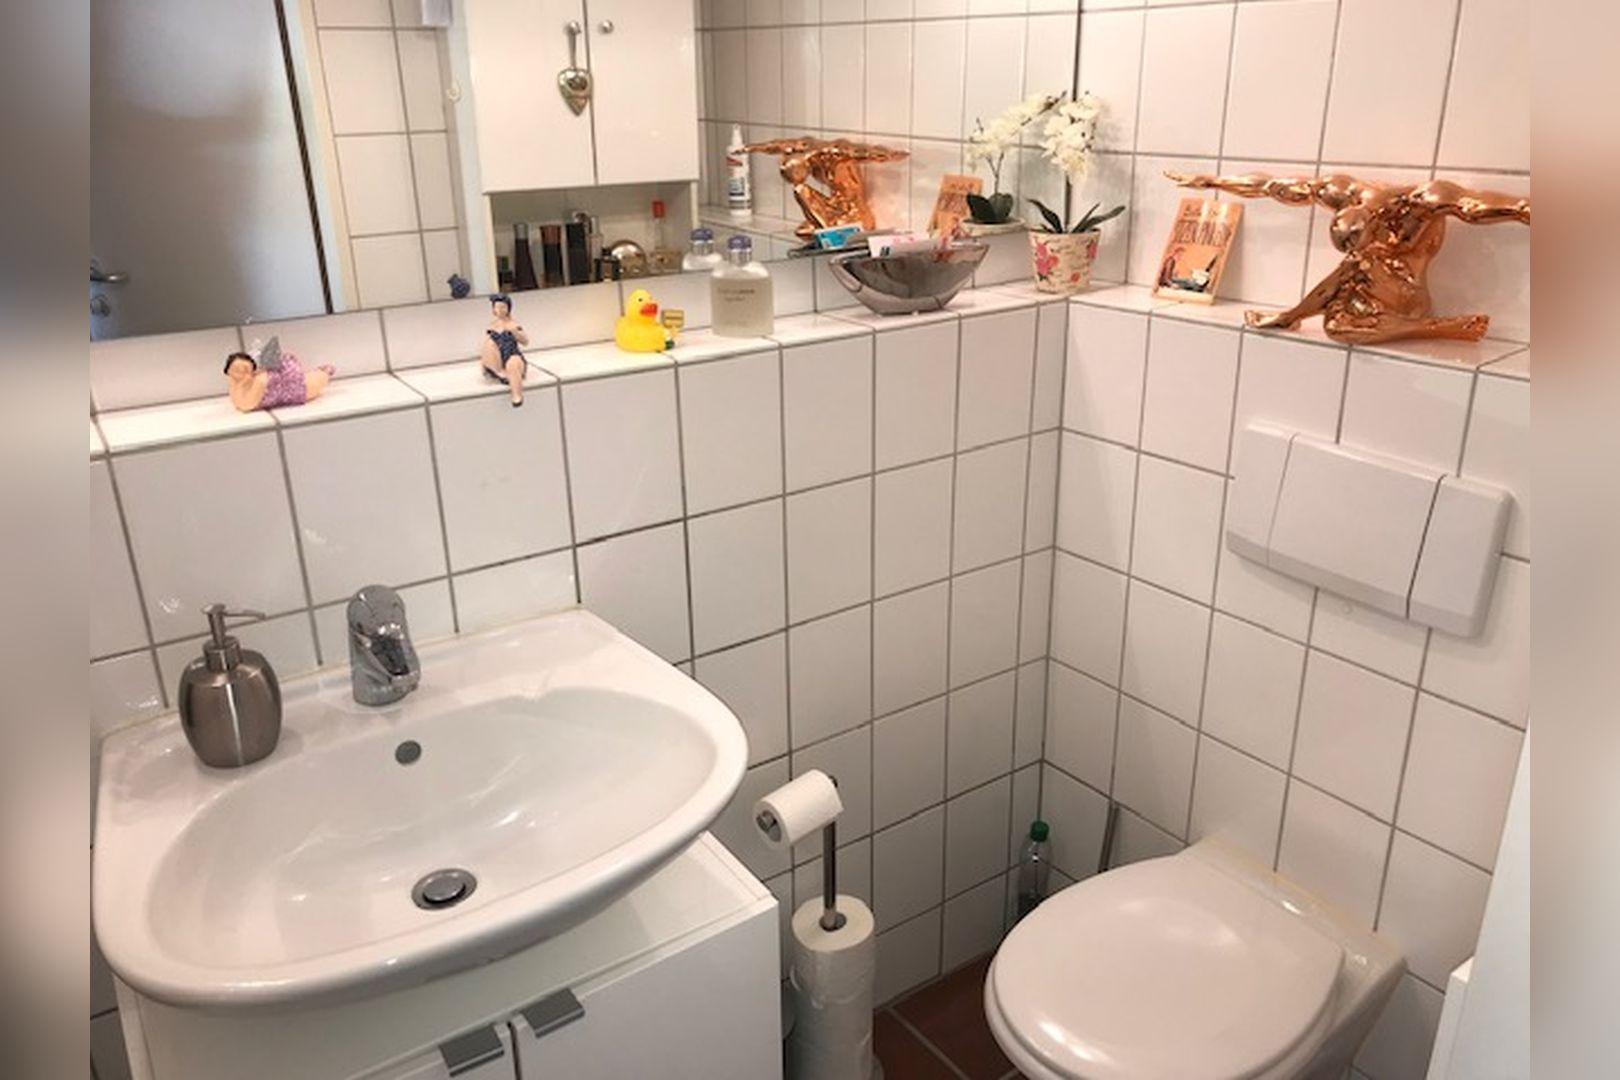 Immobilie Nr.0264 - großzügige Vier-Raum-Wohnung mit Riesenkellerraum für Hobby etc. - Bild 14.jpg